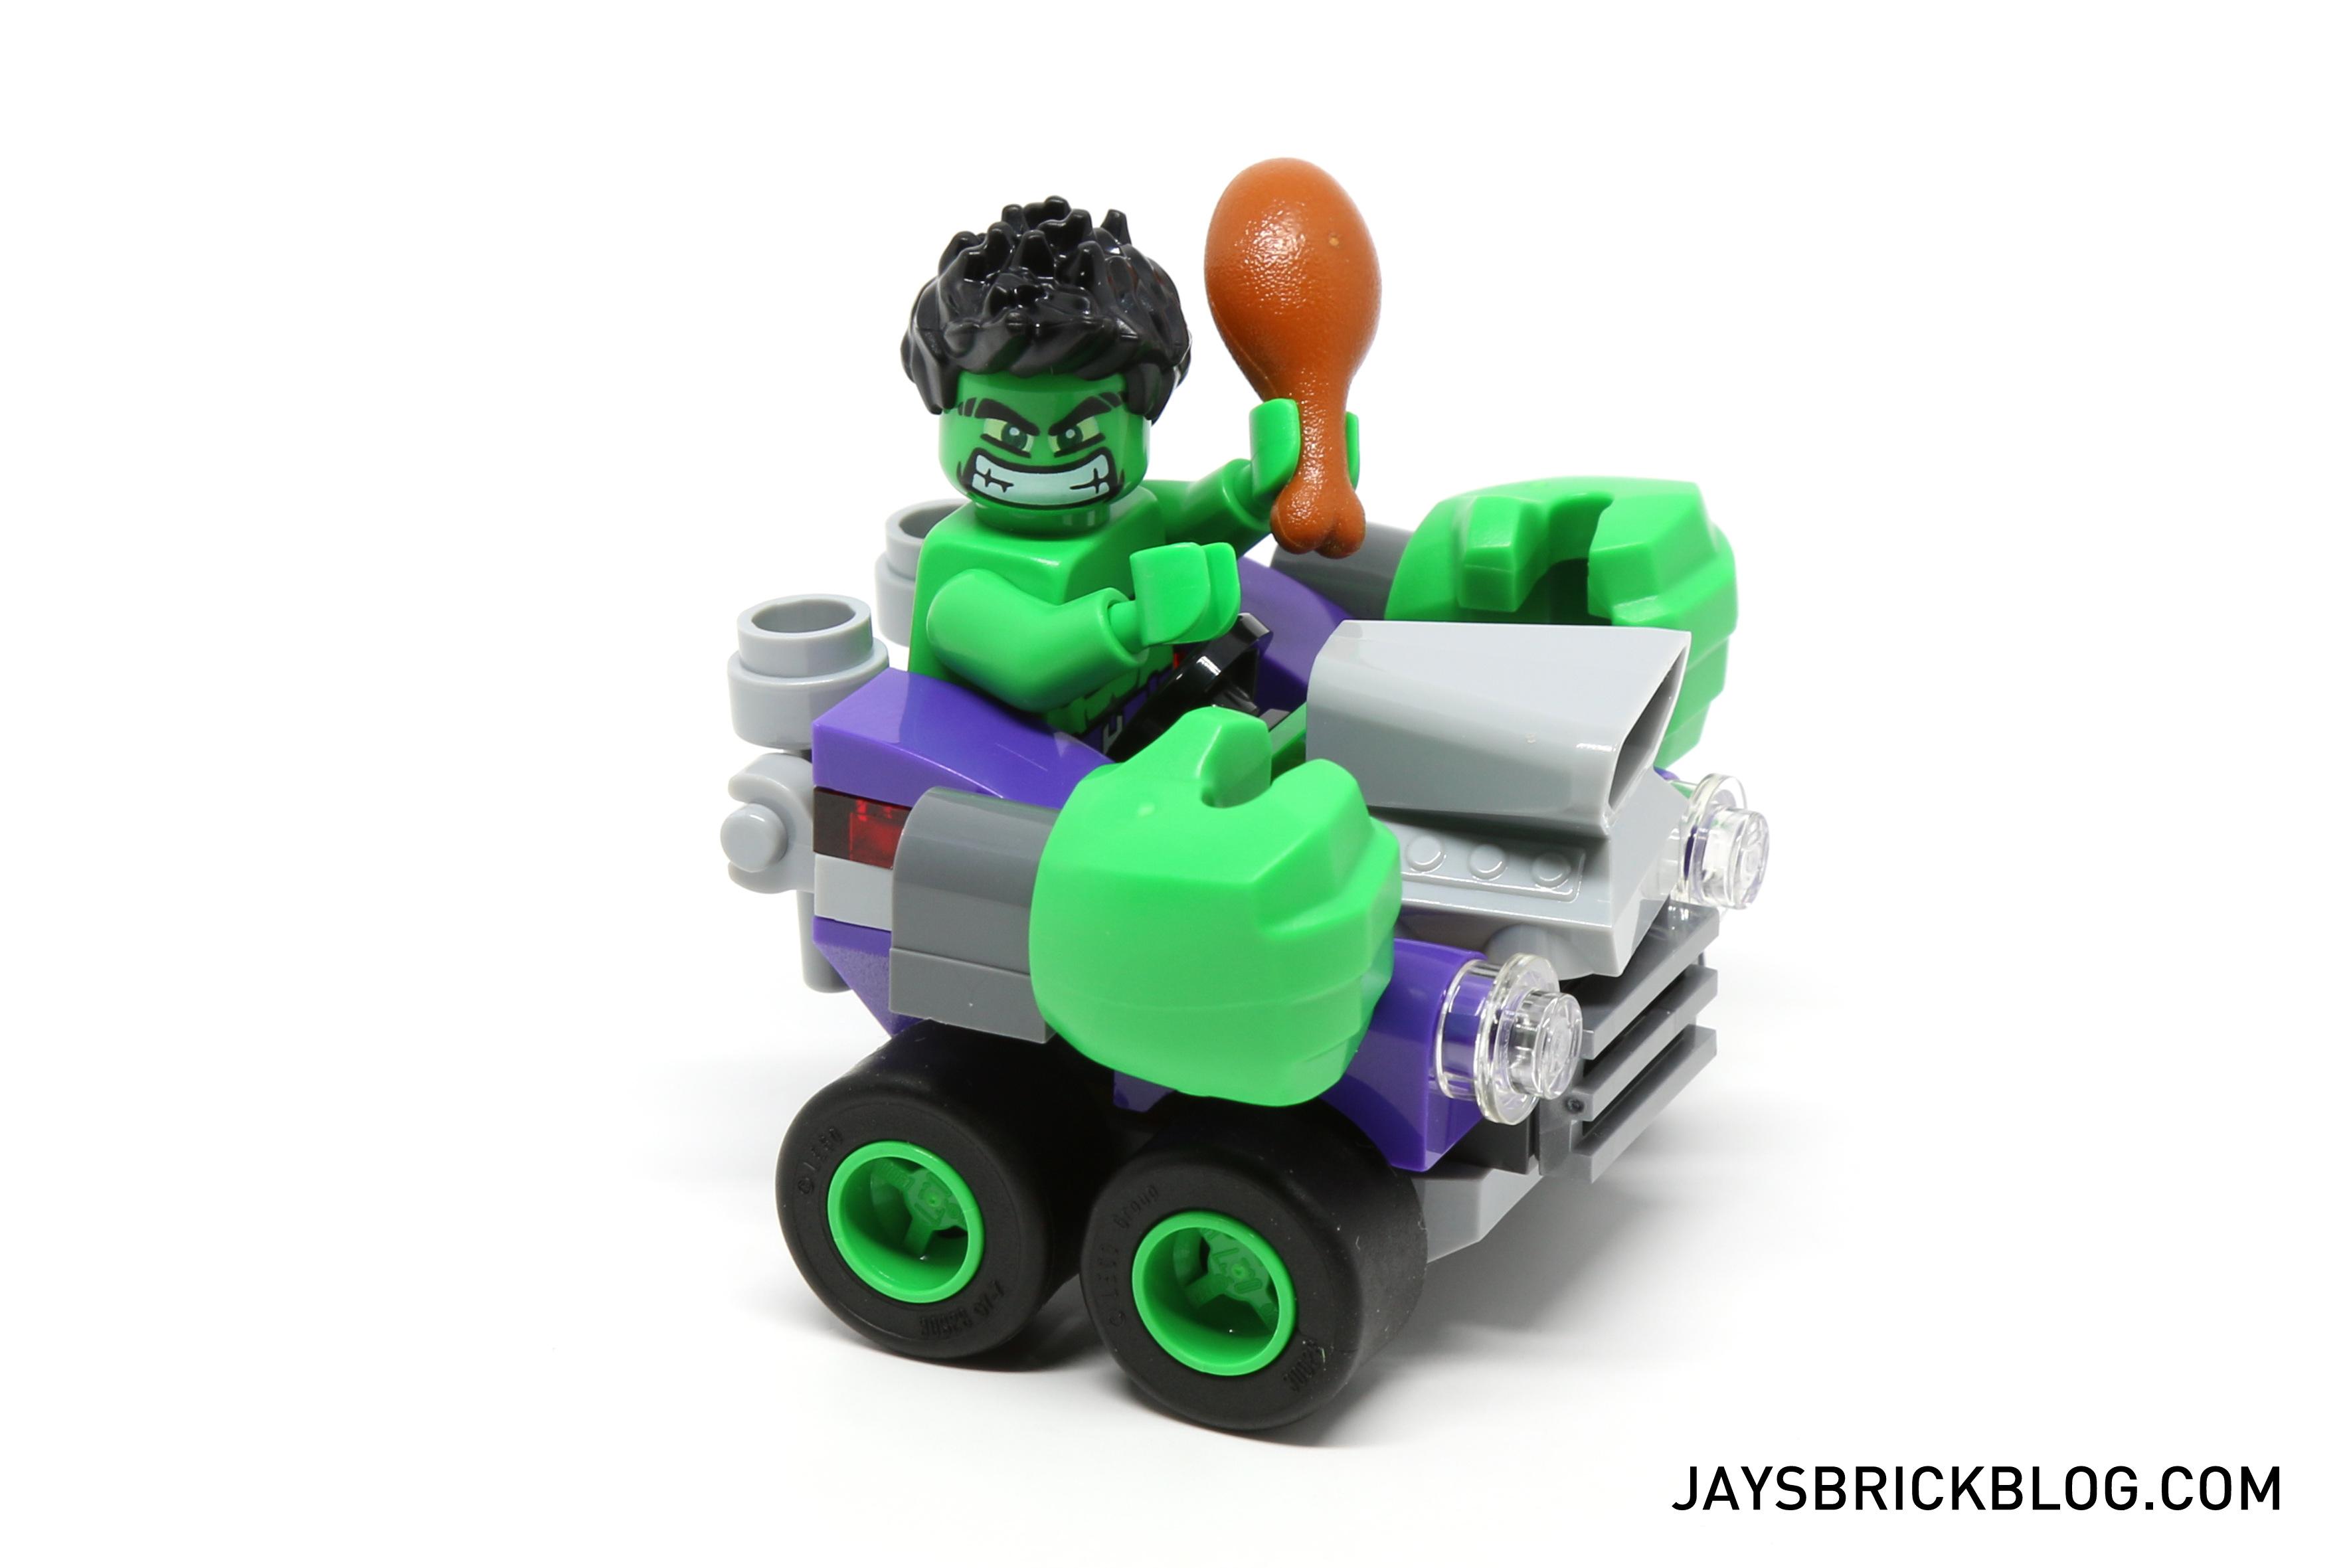 where can i buy a green machine